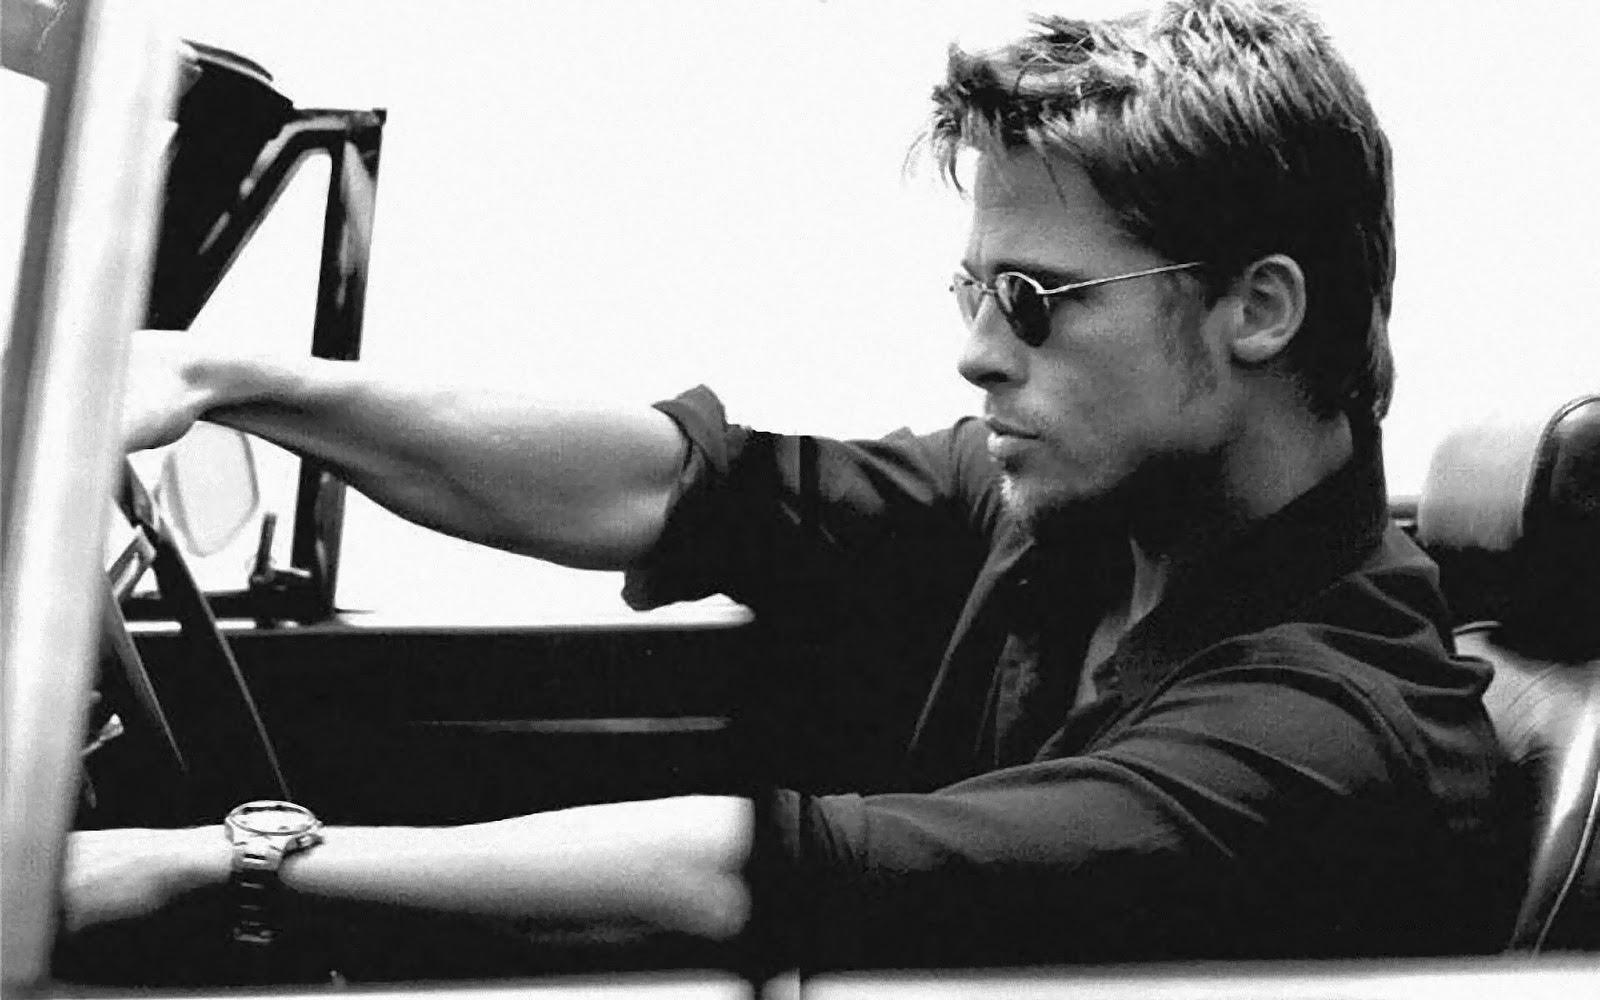 Brad Pitt wallpapers - Best HD Desktop Wallpaper